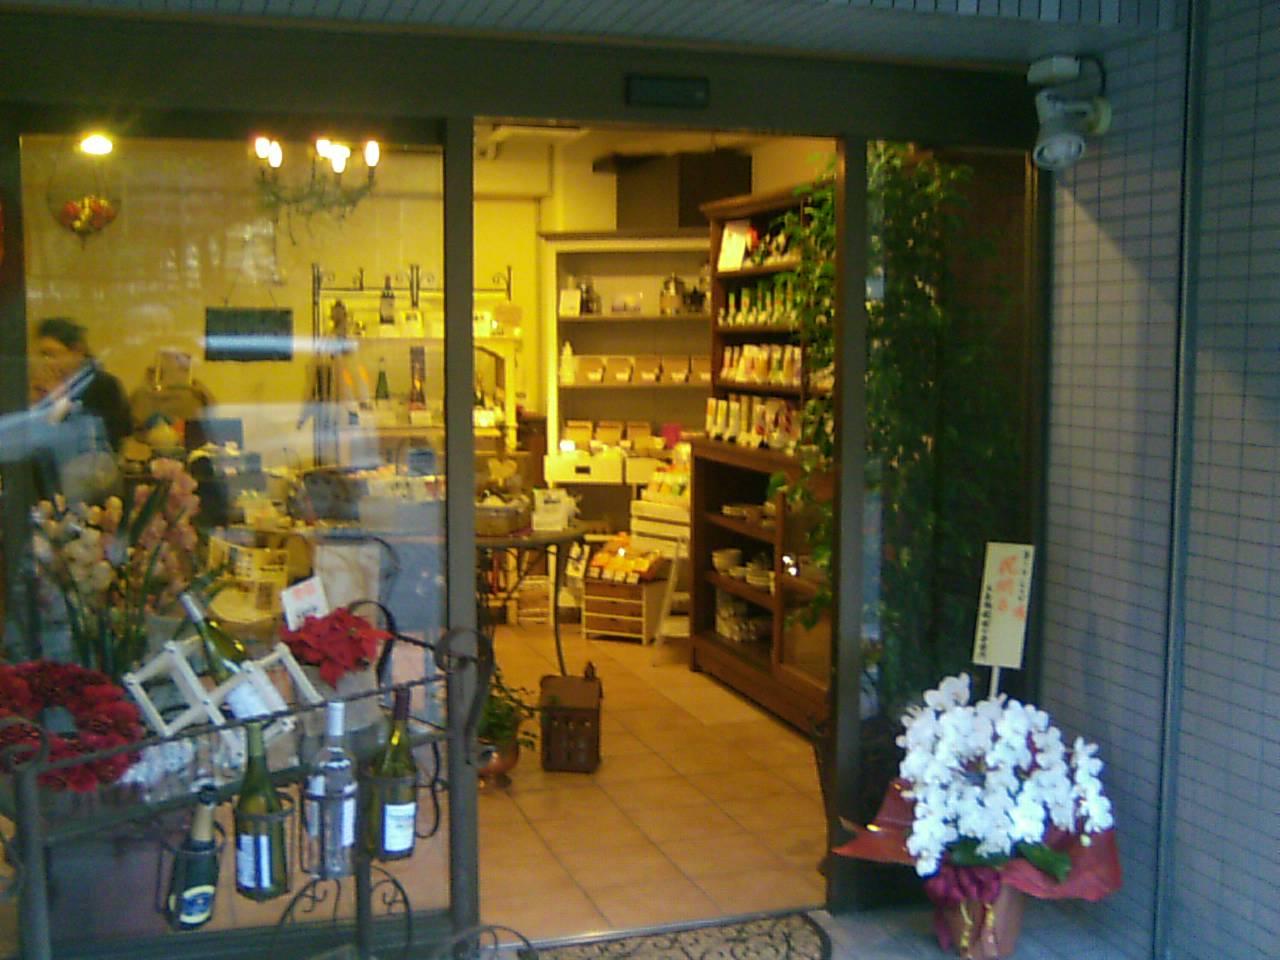 大阪にオーガニックライフなお店がオープン_c0079826_19295320.jpg